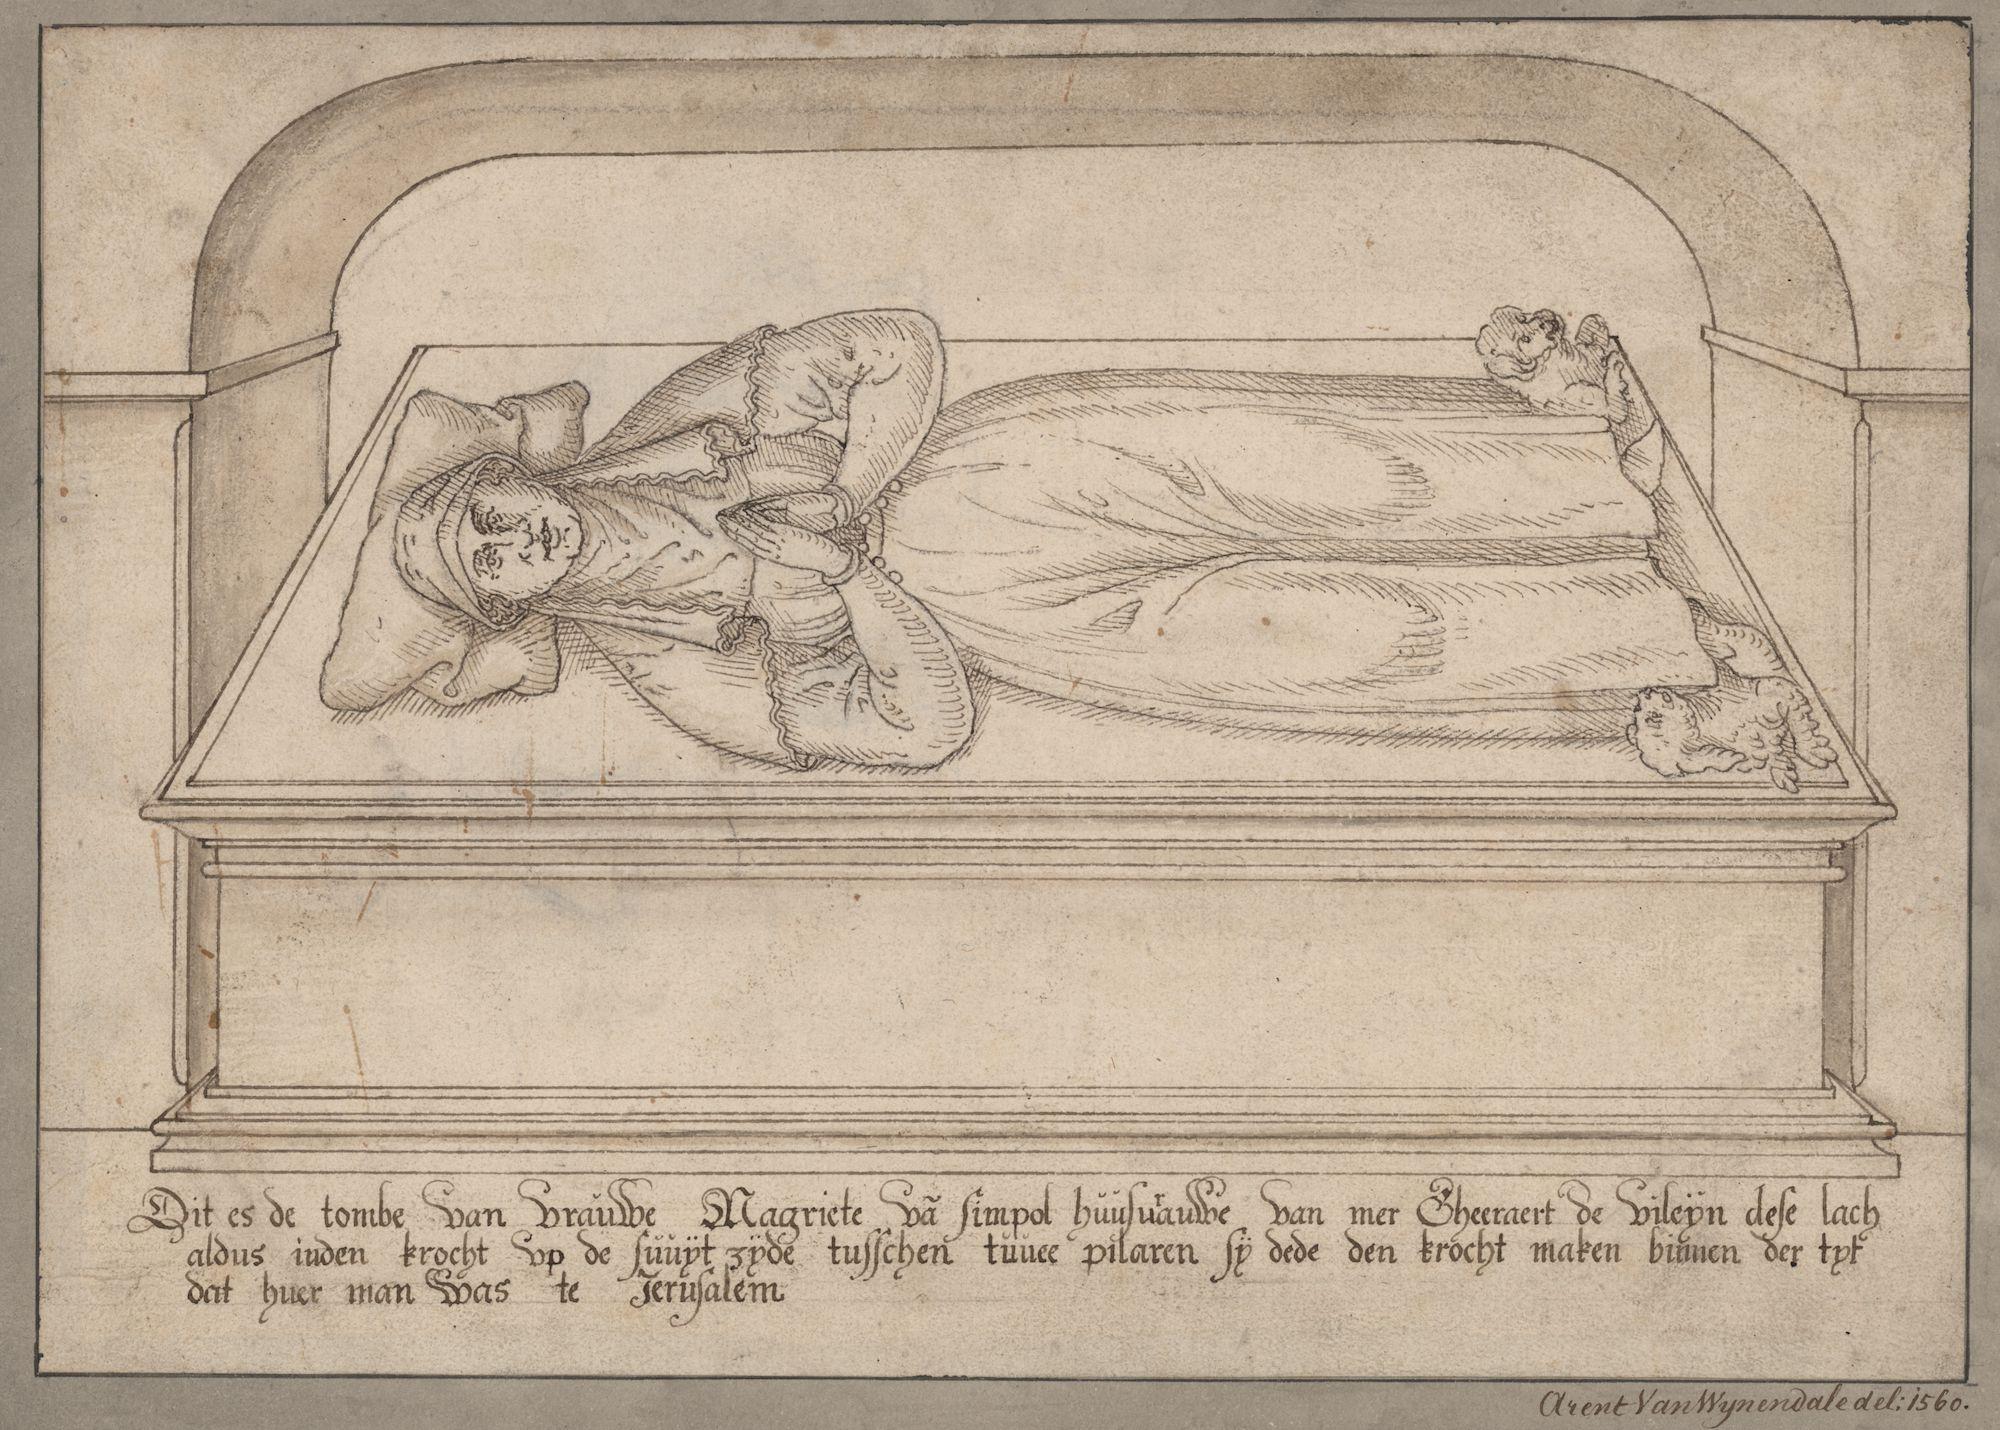 Gent: Sint-Baafsplein: Sint-Baafskathedraal: crypte: grafmonument van Margriet van Saint-Pol (+ voor 1254), echtgenote van Geraard van Gent, bijgenaamd de Duivel, voor 1569